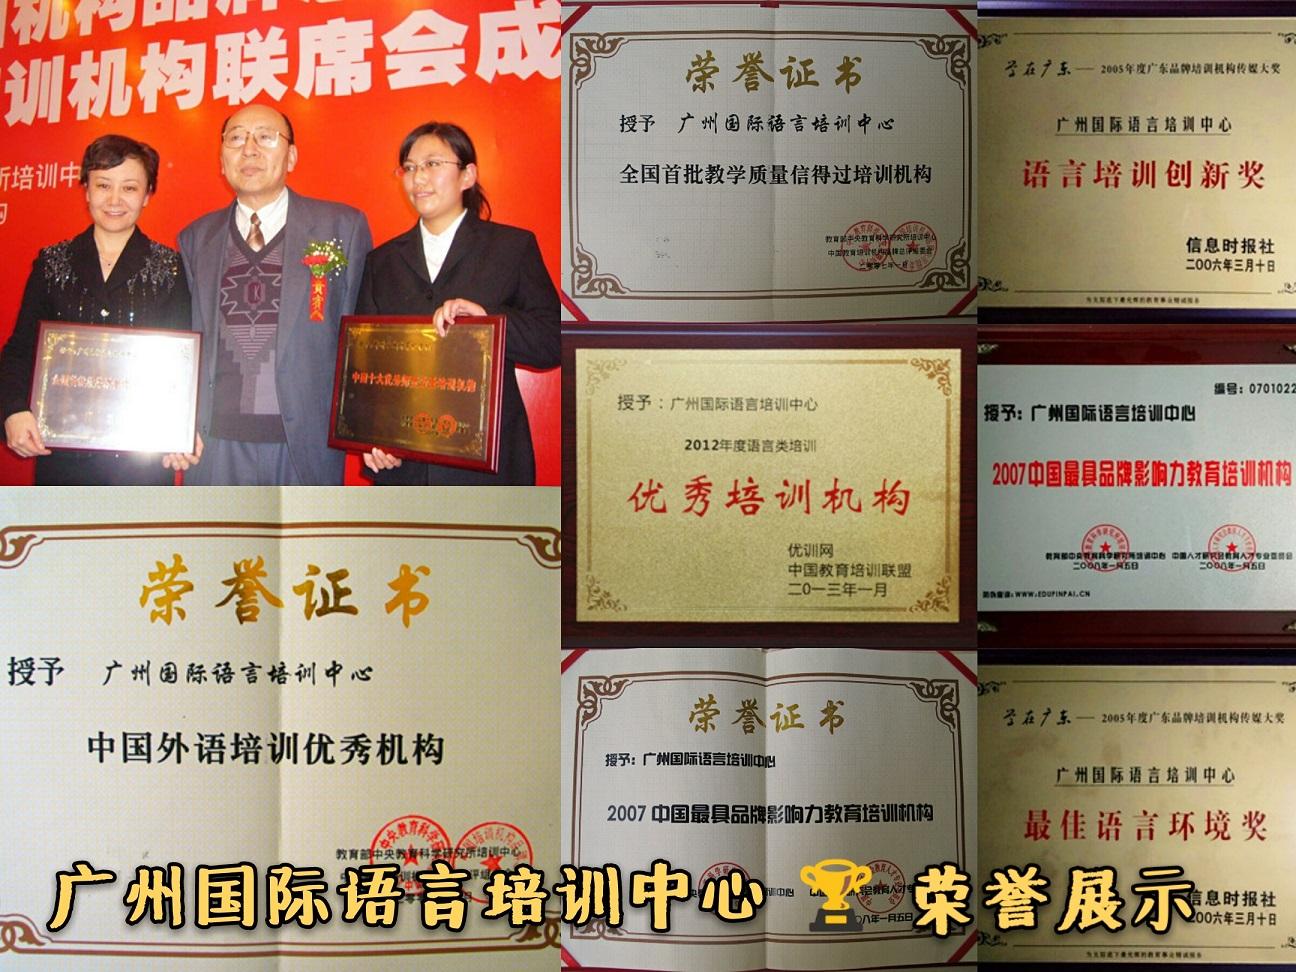 广州国际语言培训中心所获荣誉奖项展示